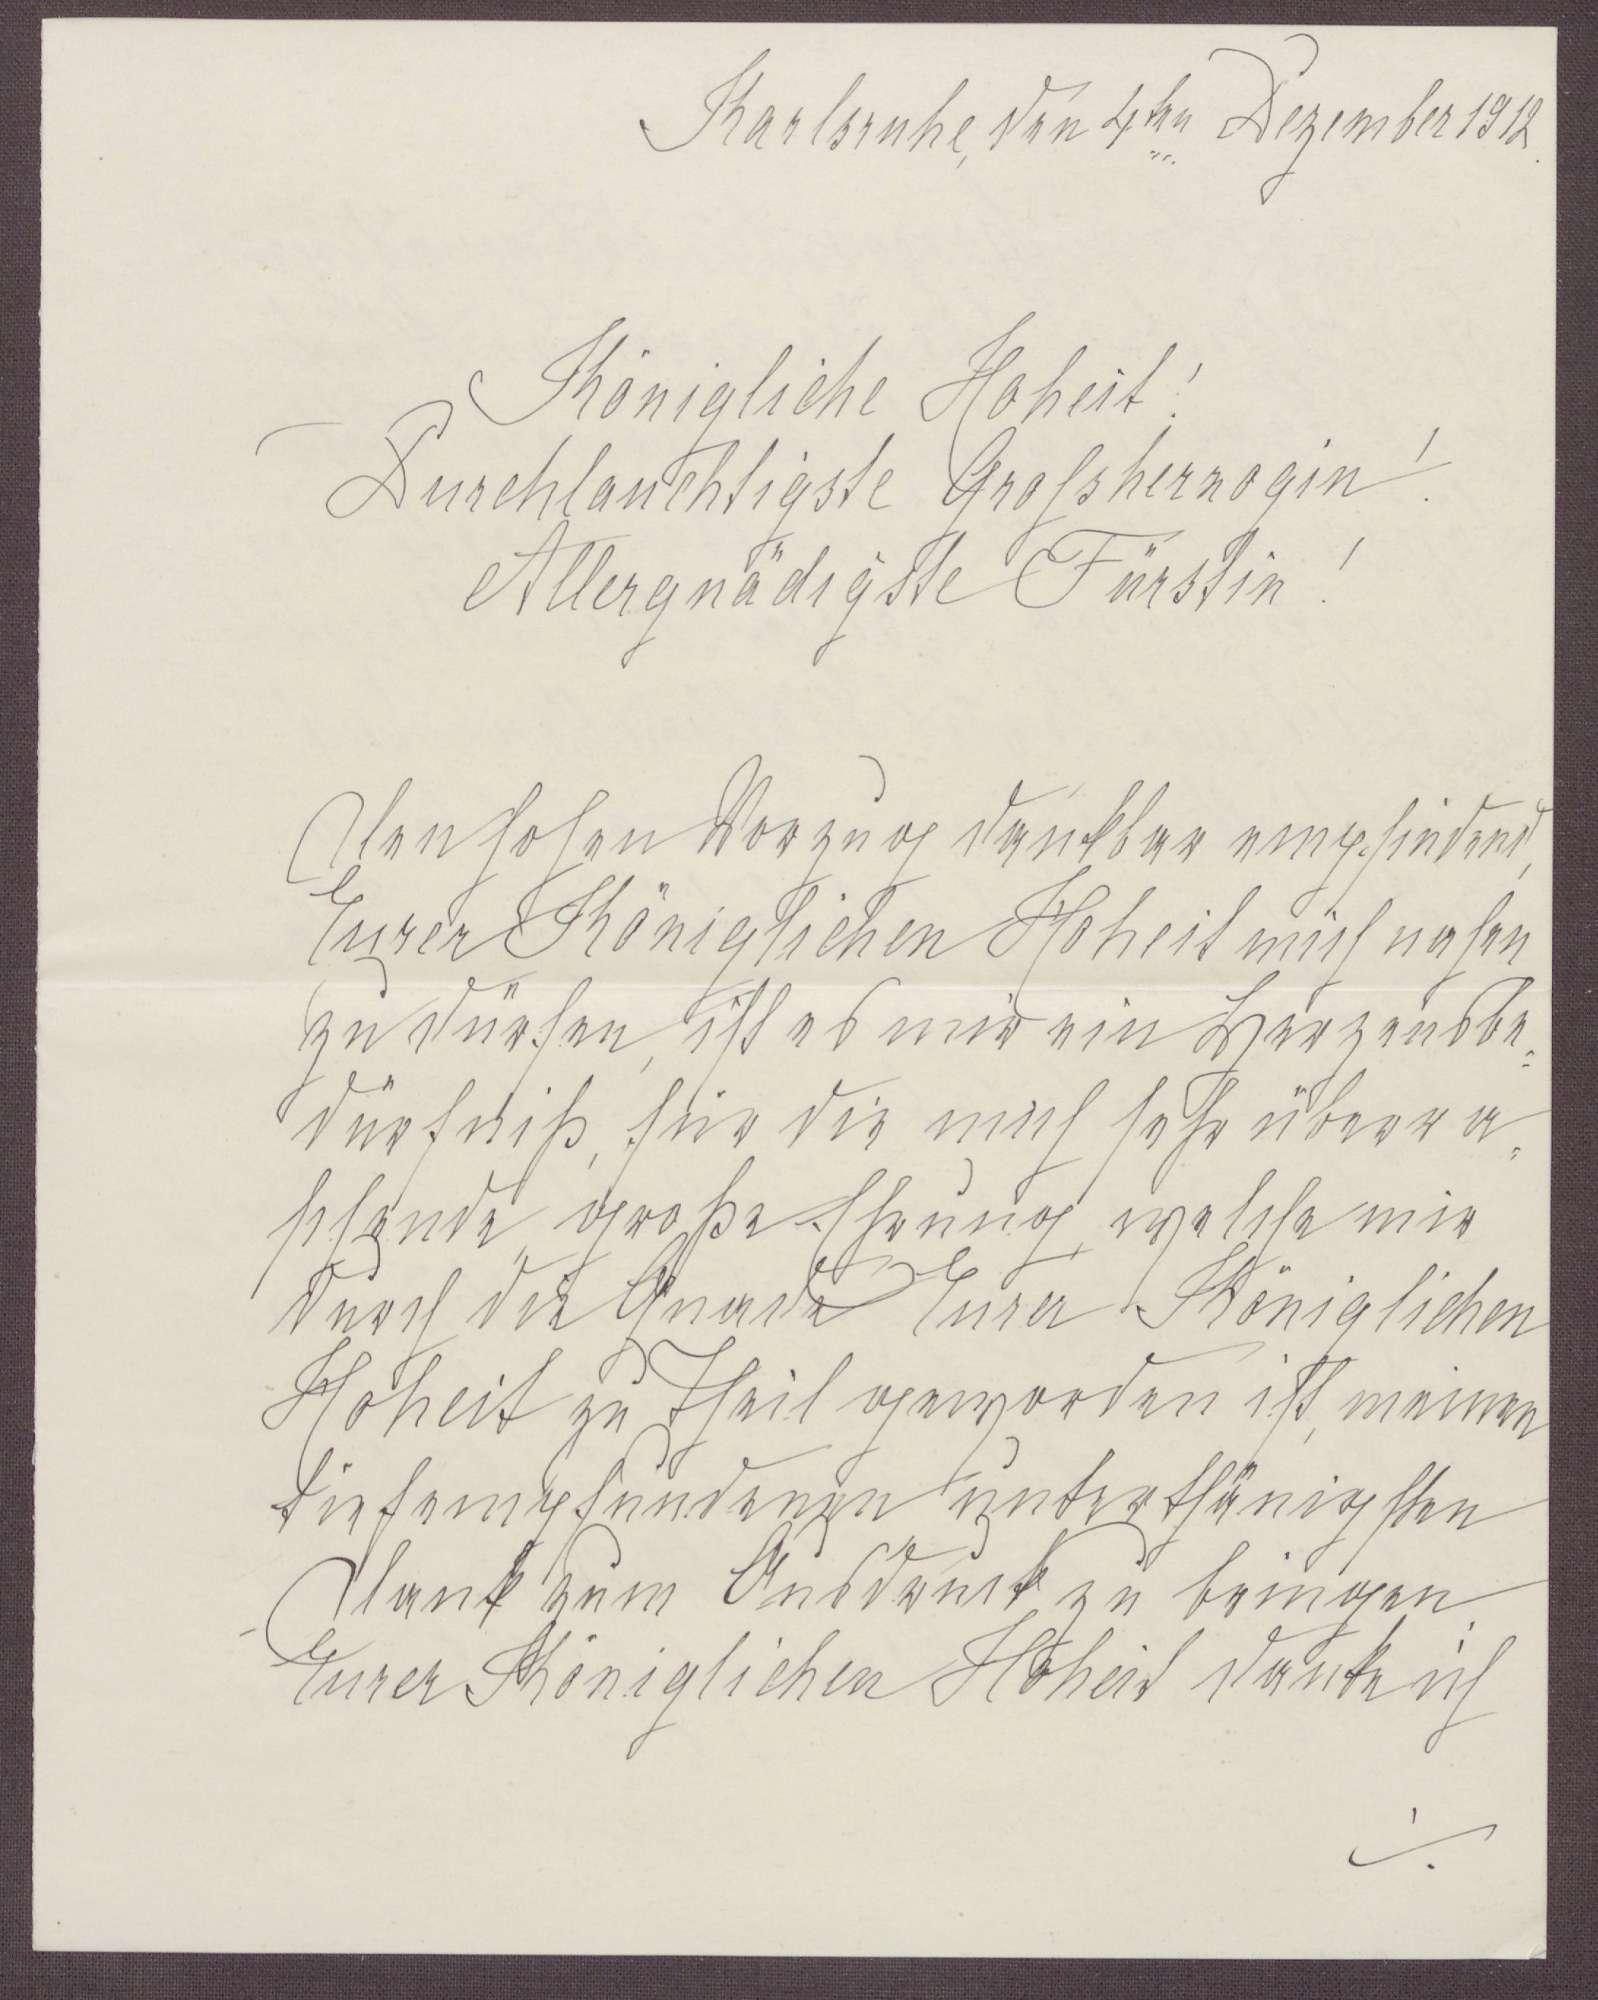 Schreiben von Anna Haas an die Großherzogin Luise; Dank für Jubiläumswünsche und den Blumengruß, Bild 1